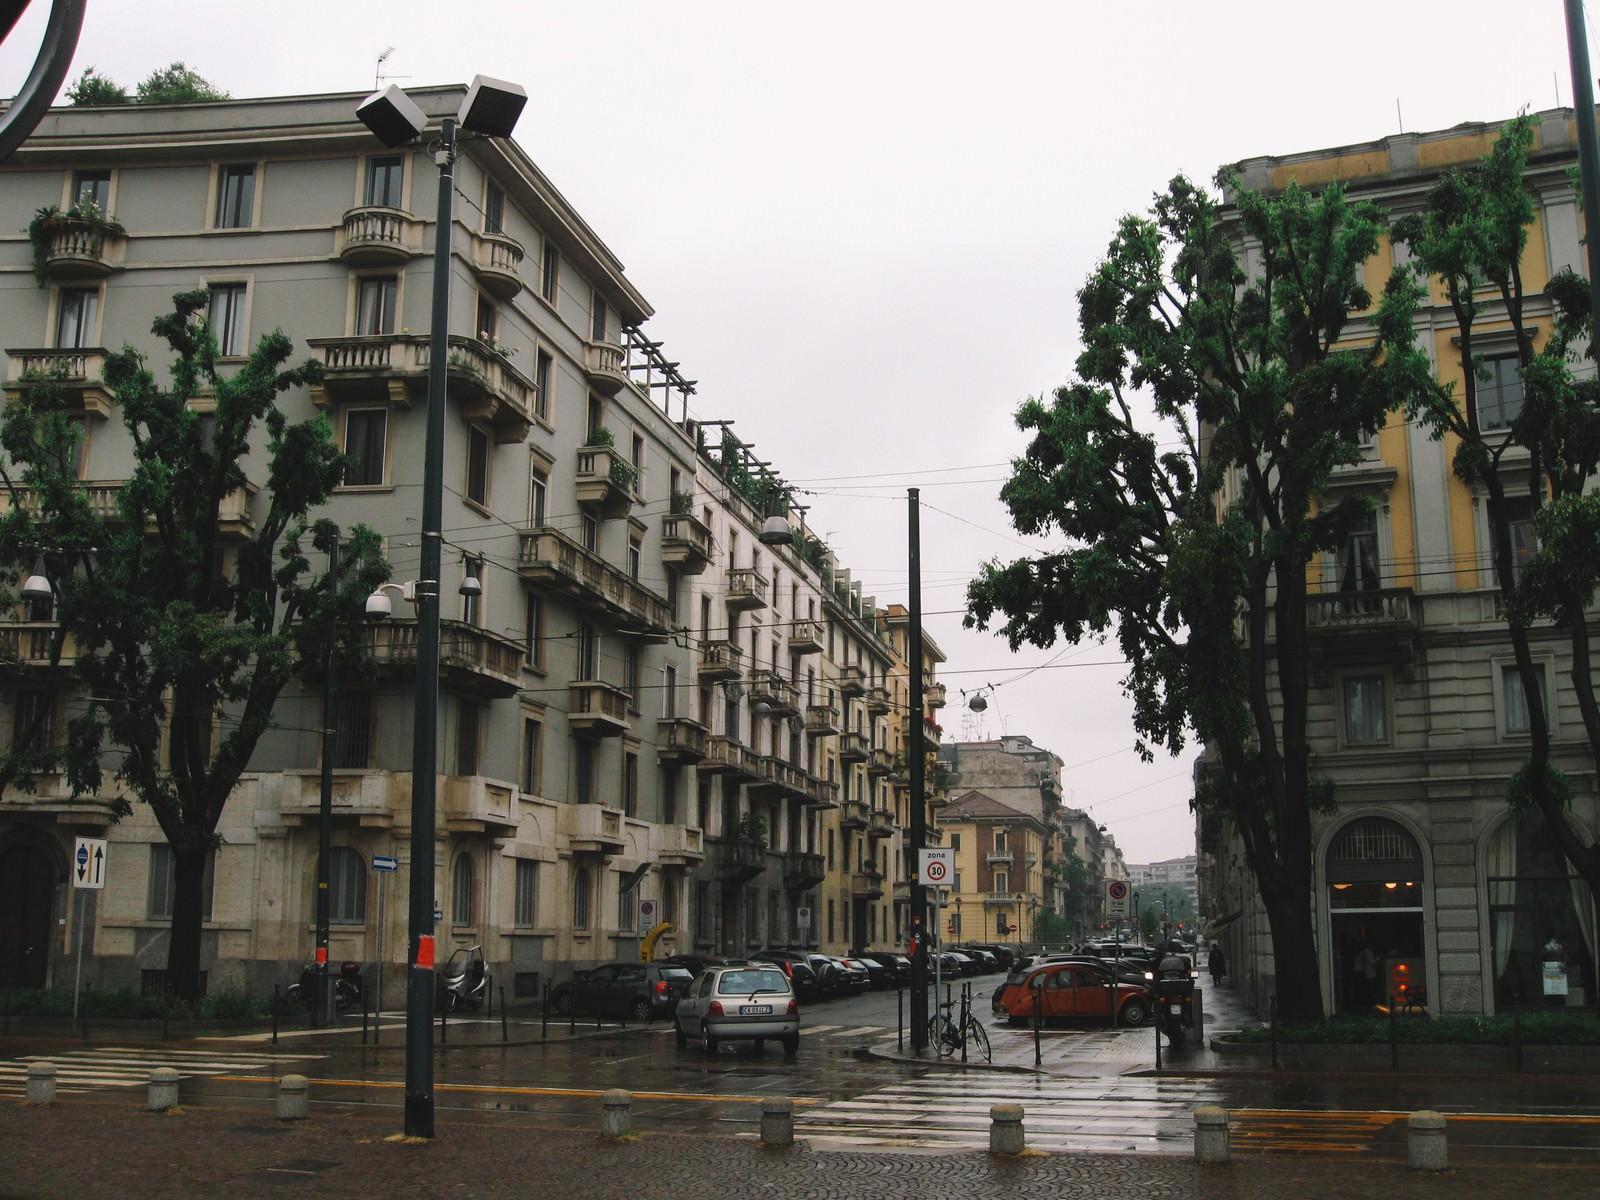 「街角のパーキングに駐車している車と街並み(イタリア ミラノ)」の写真